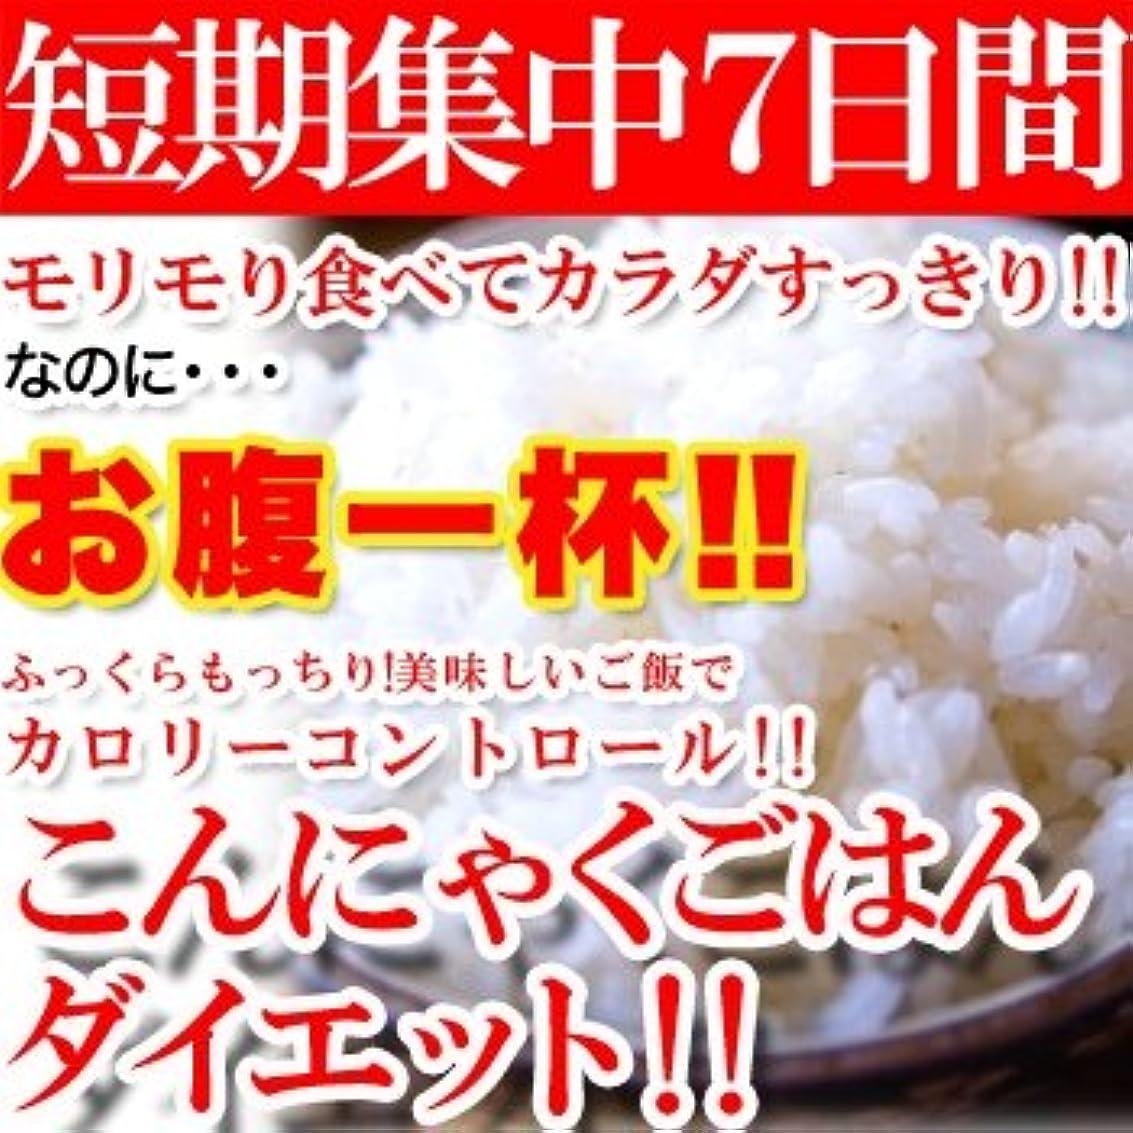 レンディション肘解く【短期集中☆】7日間こんにゃくごはんダイエット! 4個セット ※「白いご飯」、「炭水化物」好きの方必見!いつものご飯に混ぜて炊くだけ!